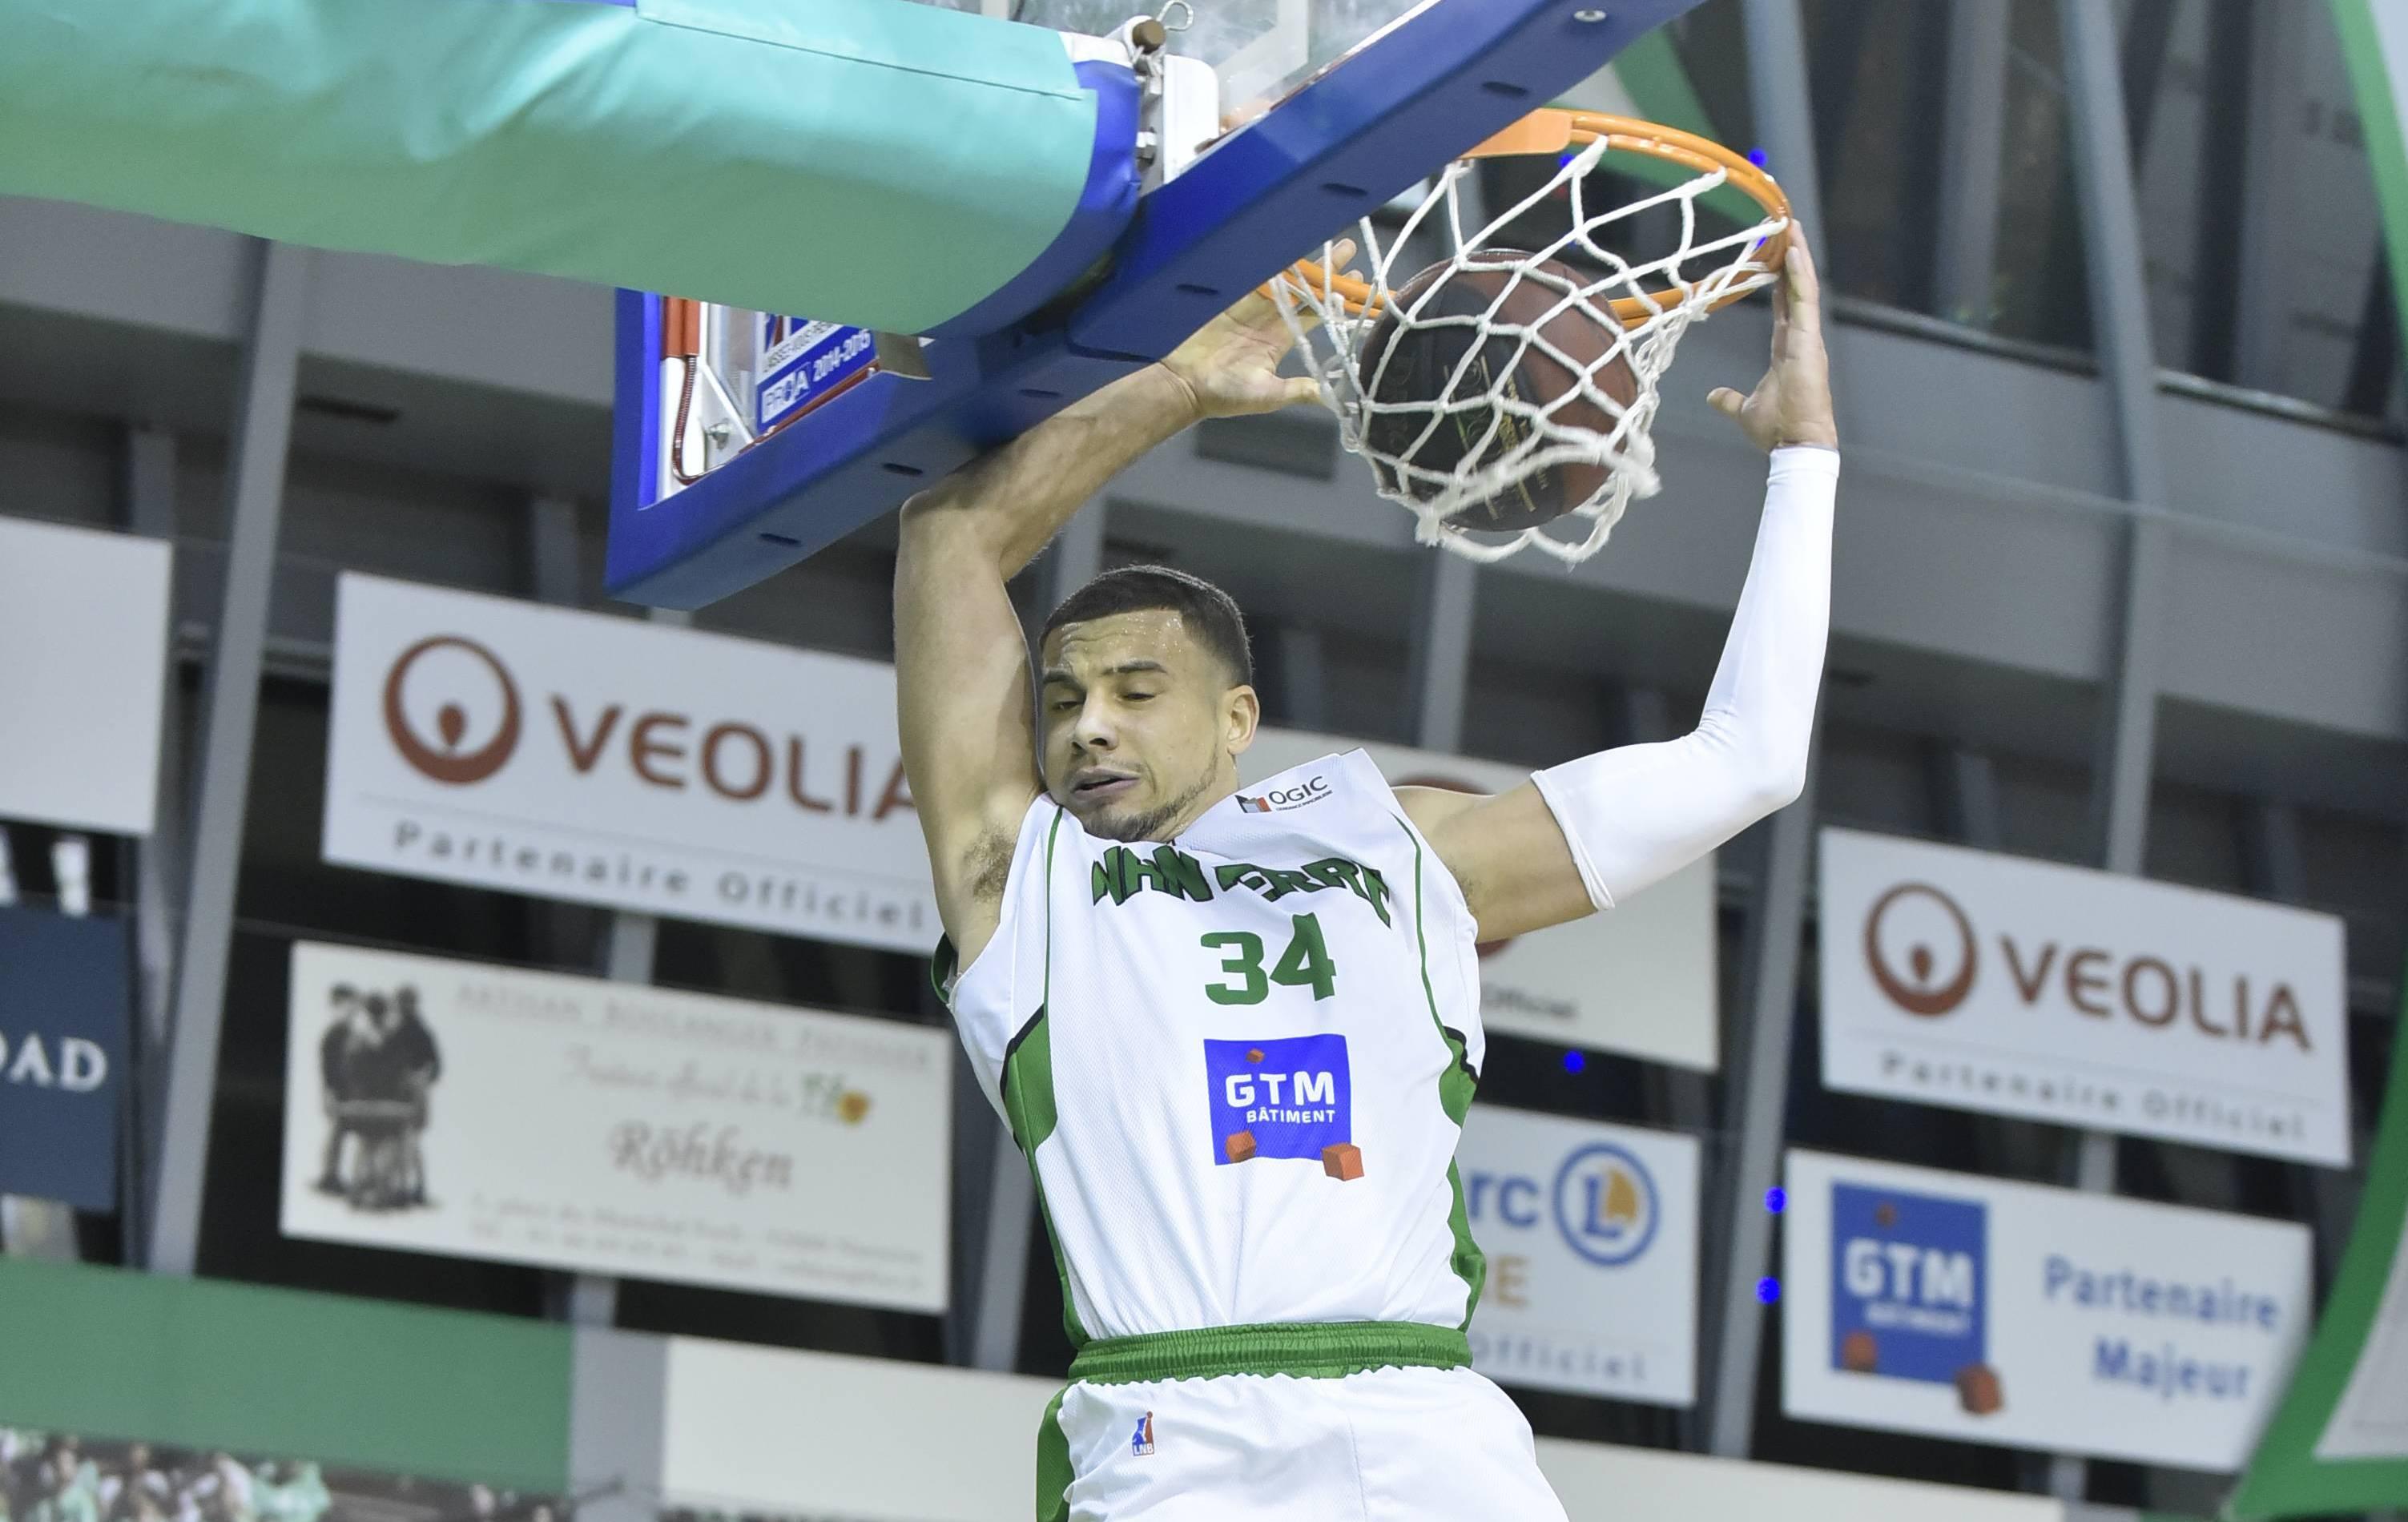 Basket - Nanterre s'offre une finale europ�enne